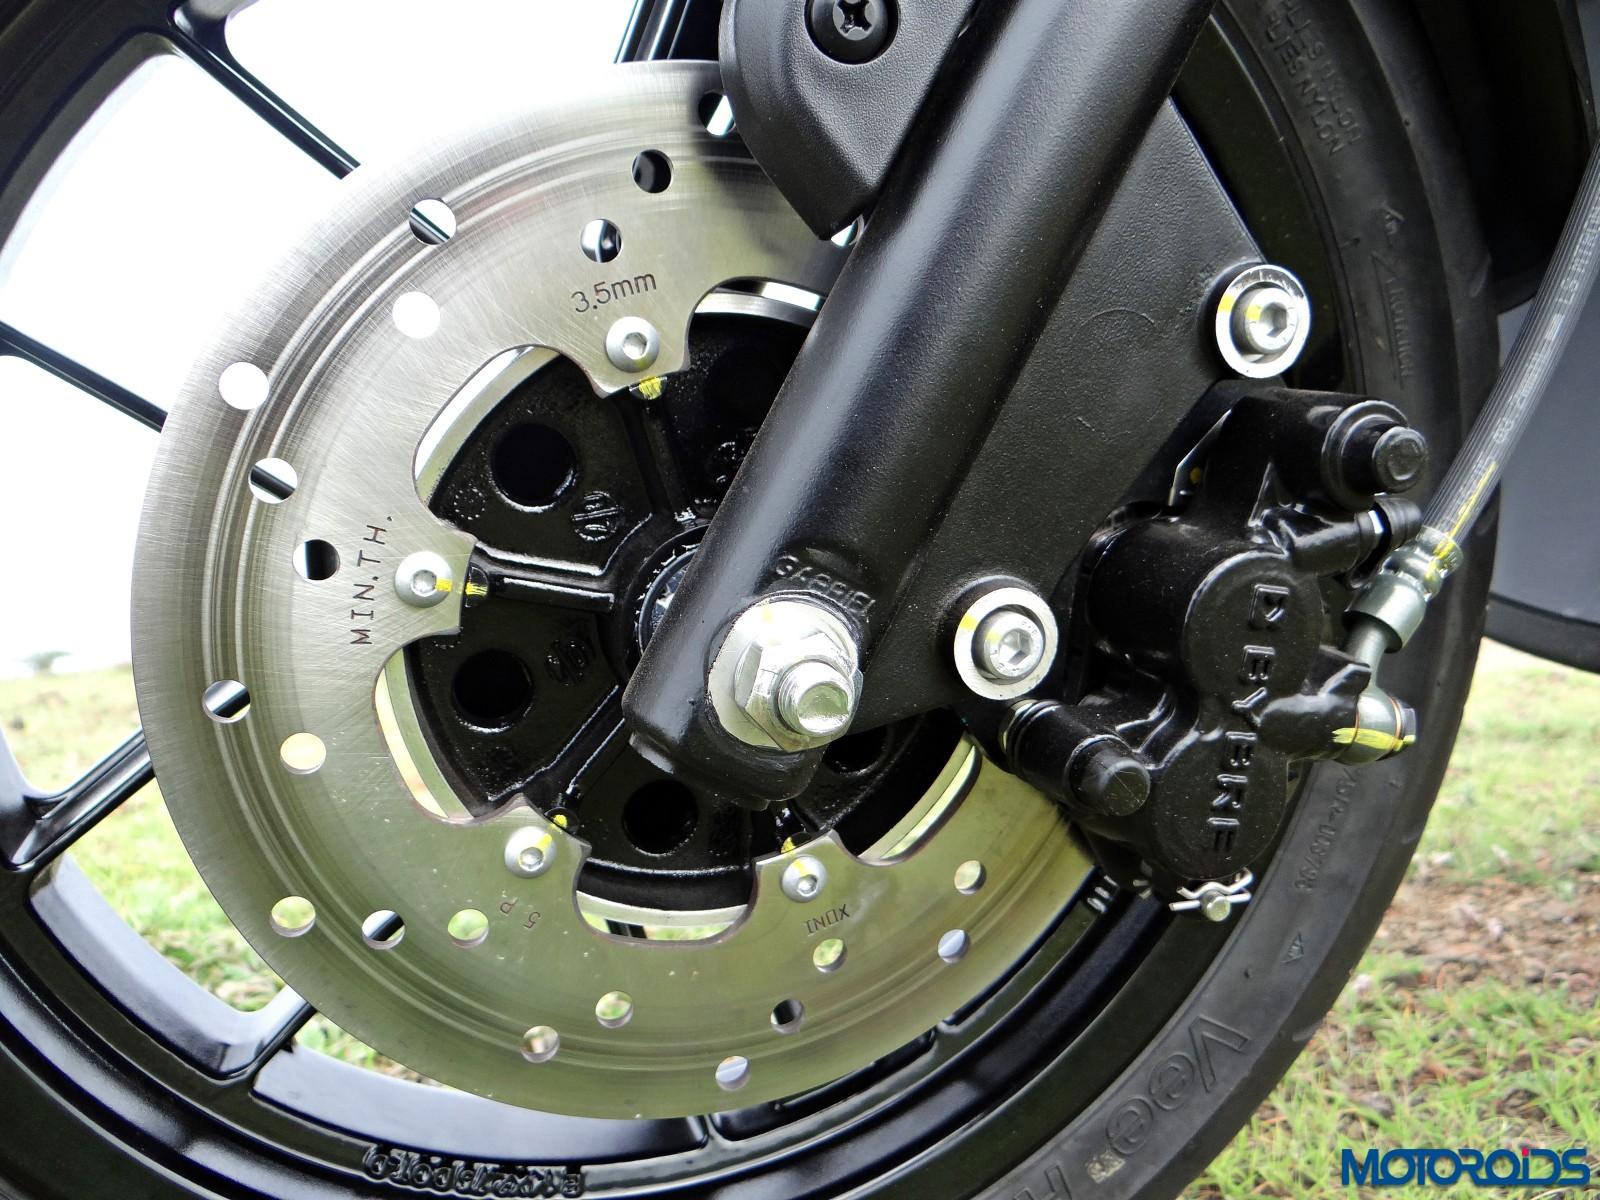 Aprilia SR 150 Review - Details - Brakes (1)